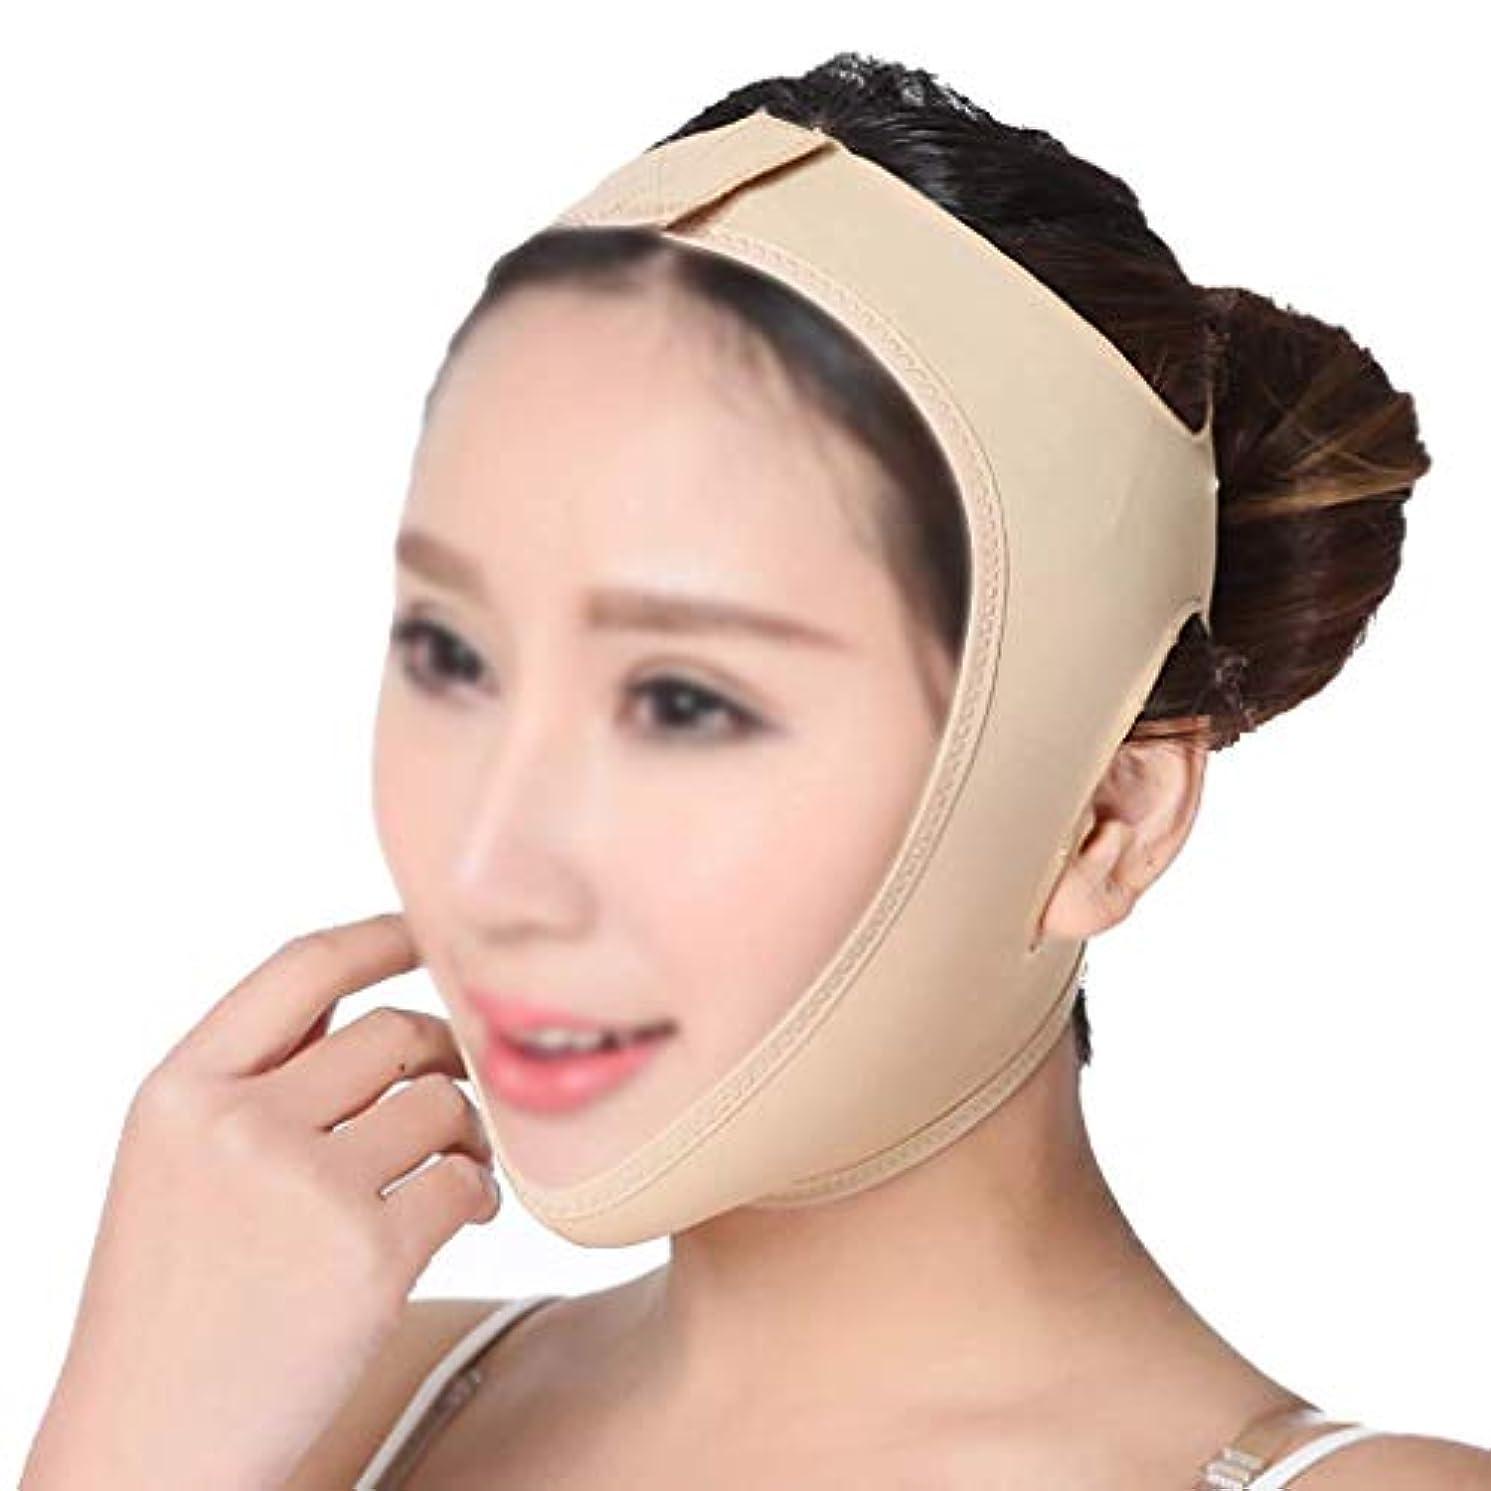 リフレッシュ実り多い調整可能薄い顔の包帯の顔スリム二重あごを取り除くVラインの顔の形を作成するあごの頬リフトアップアンチリンクルリフティングベルトフェイスマッサージツール(サイズ:L)